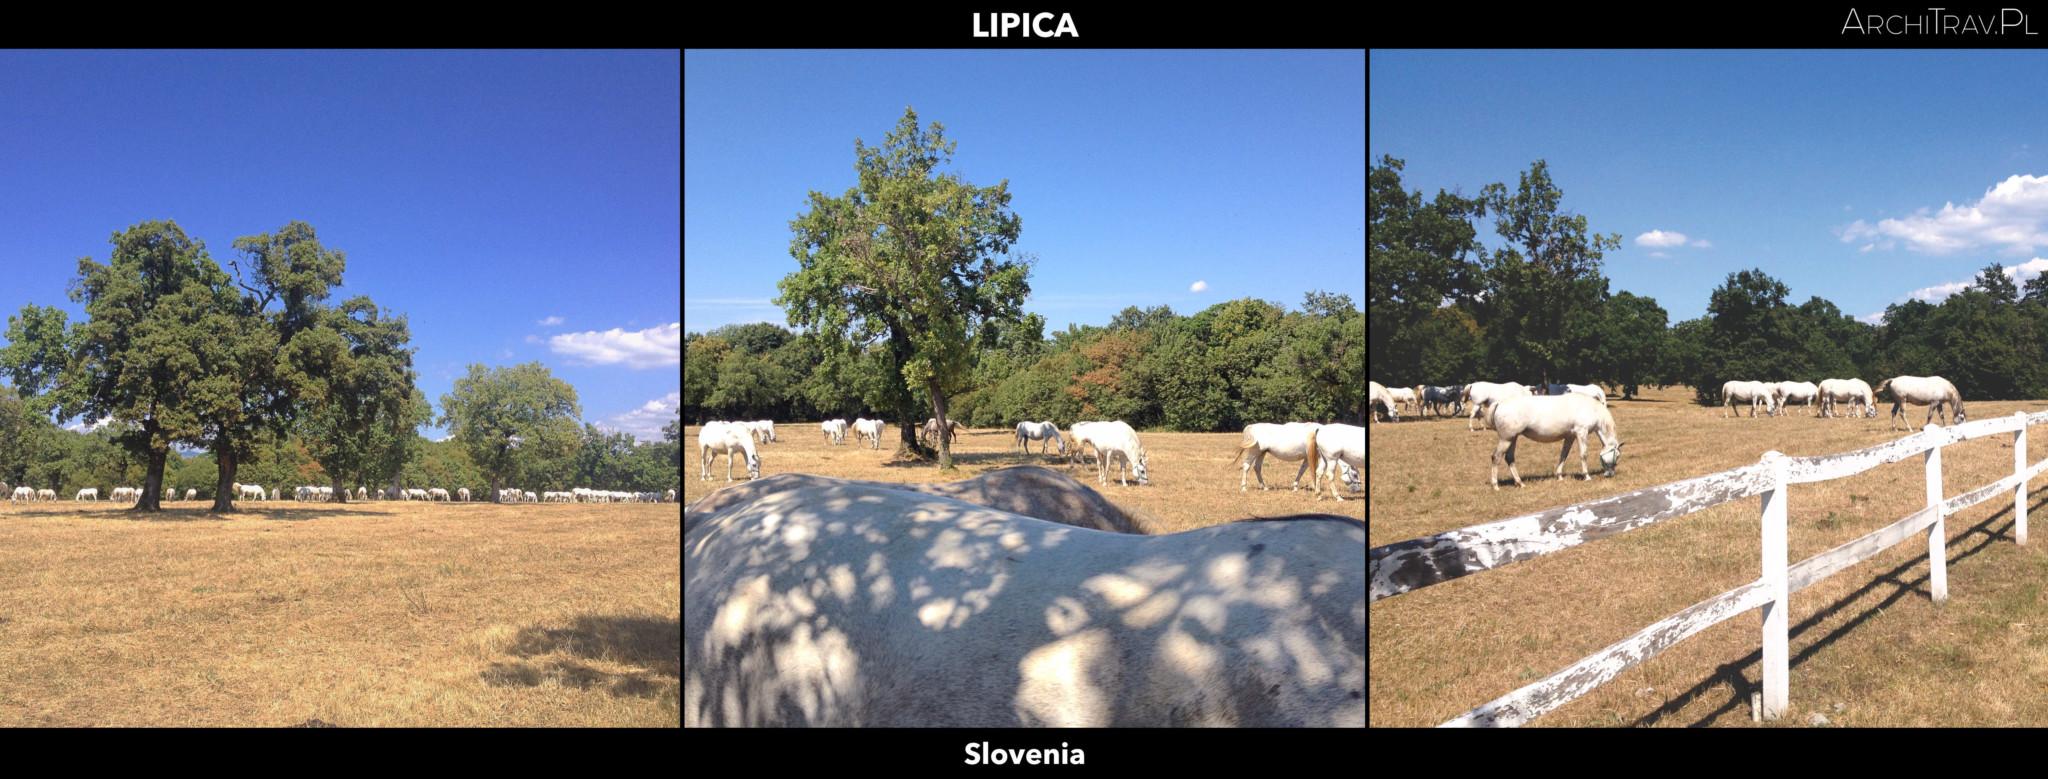 Slowenia Lipica